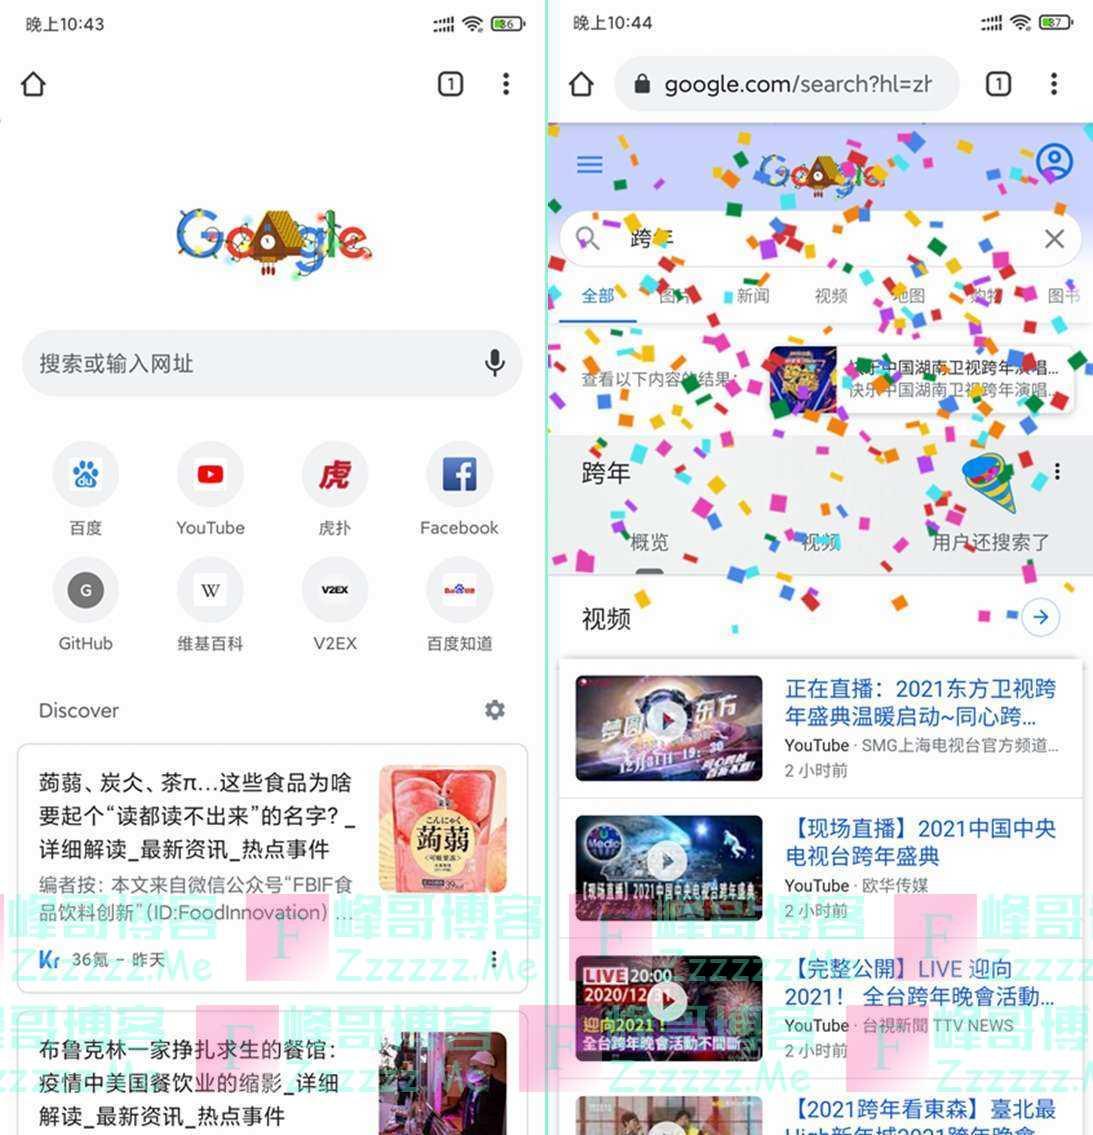 安卓Google Chrome浏览器V87.0.4280.101 安卓谷歌浏览器Chrome最新版下载